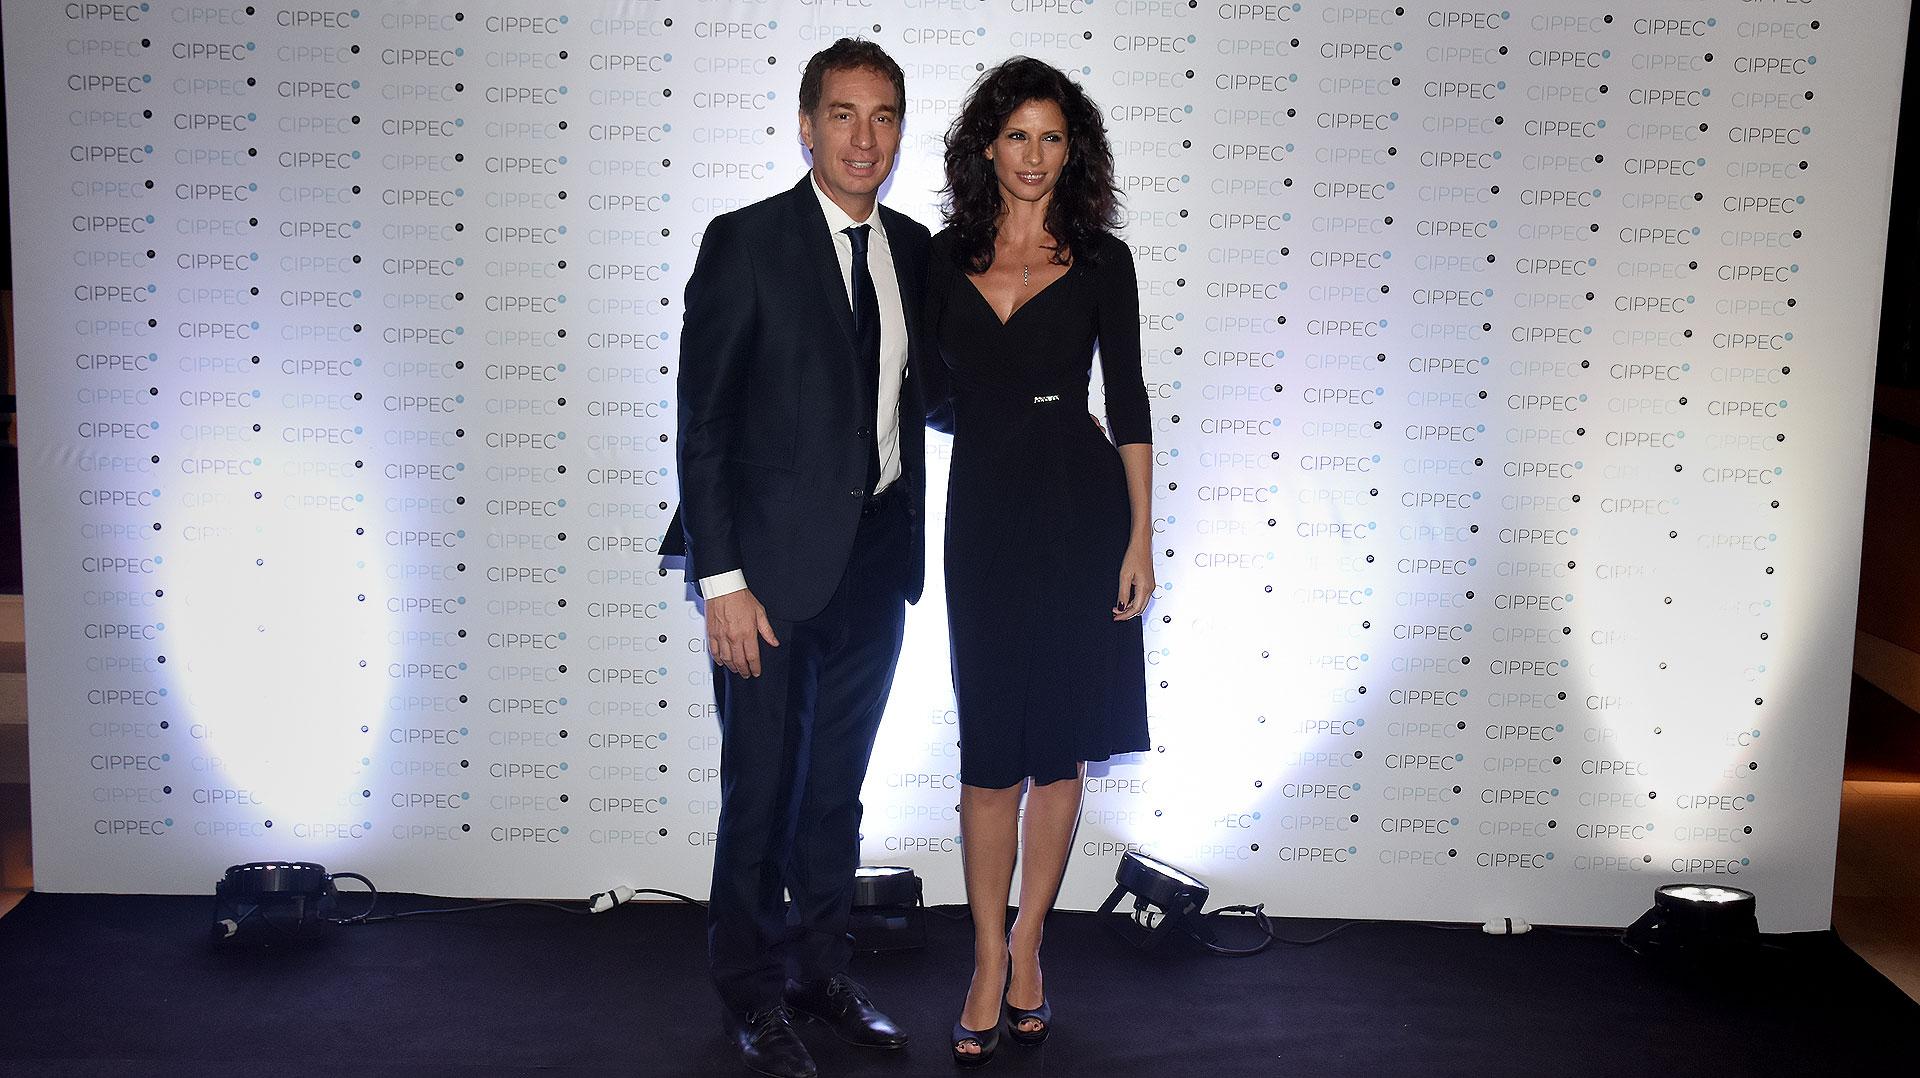 El vicejefe de Gobierno porteño, Diego Santilli, y su mujer Analía Maiorana